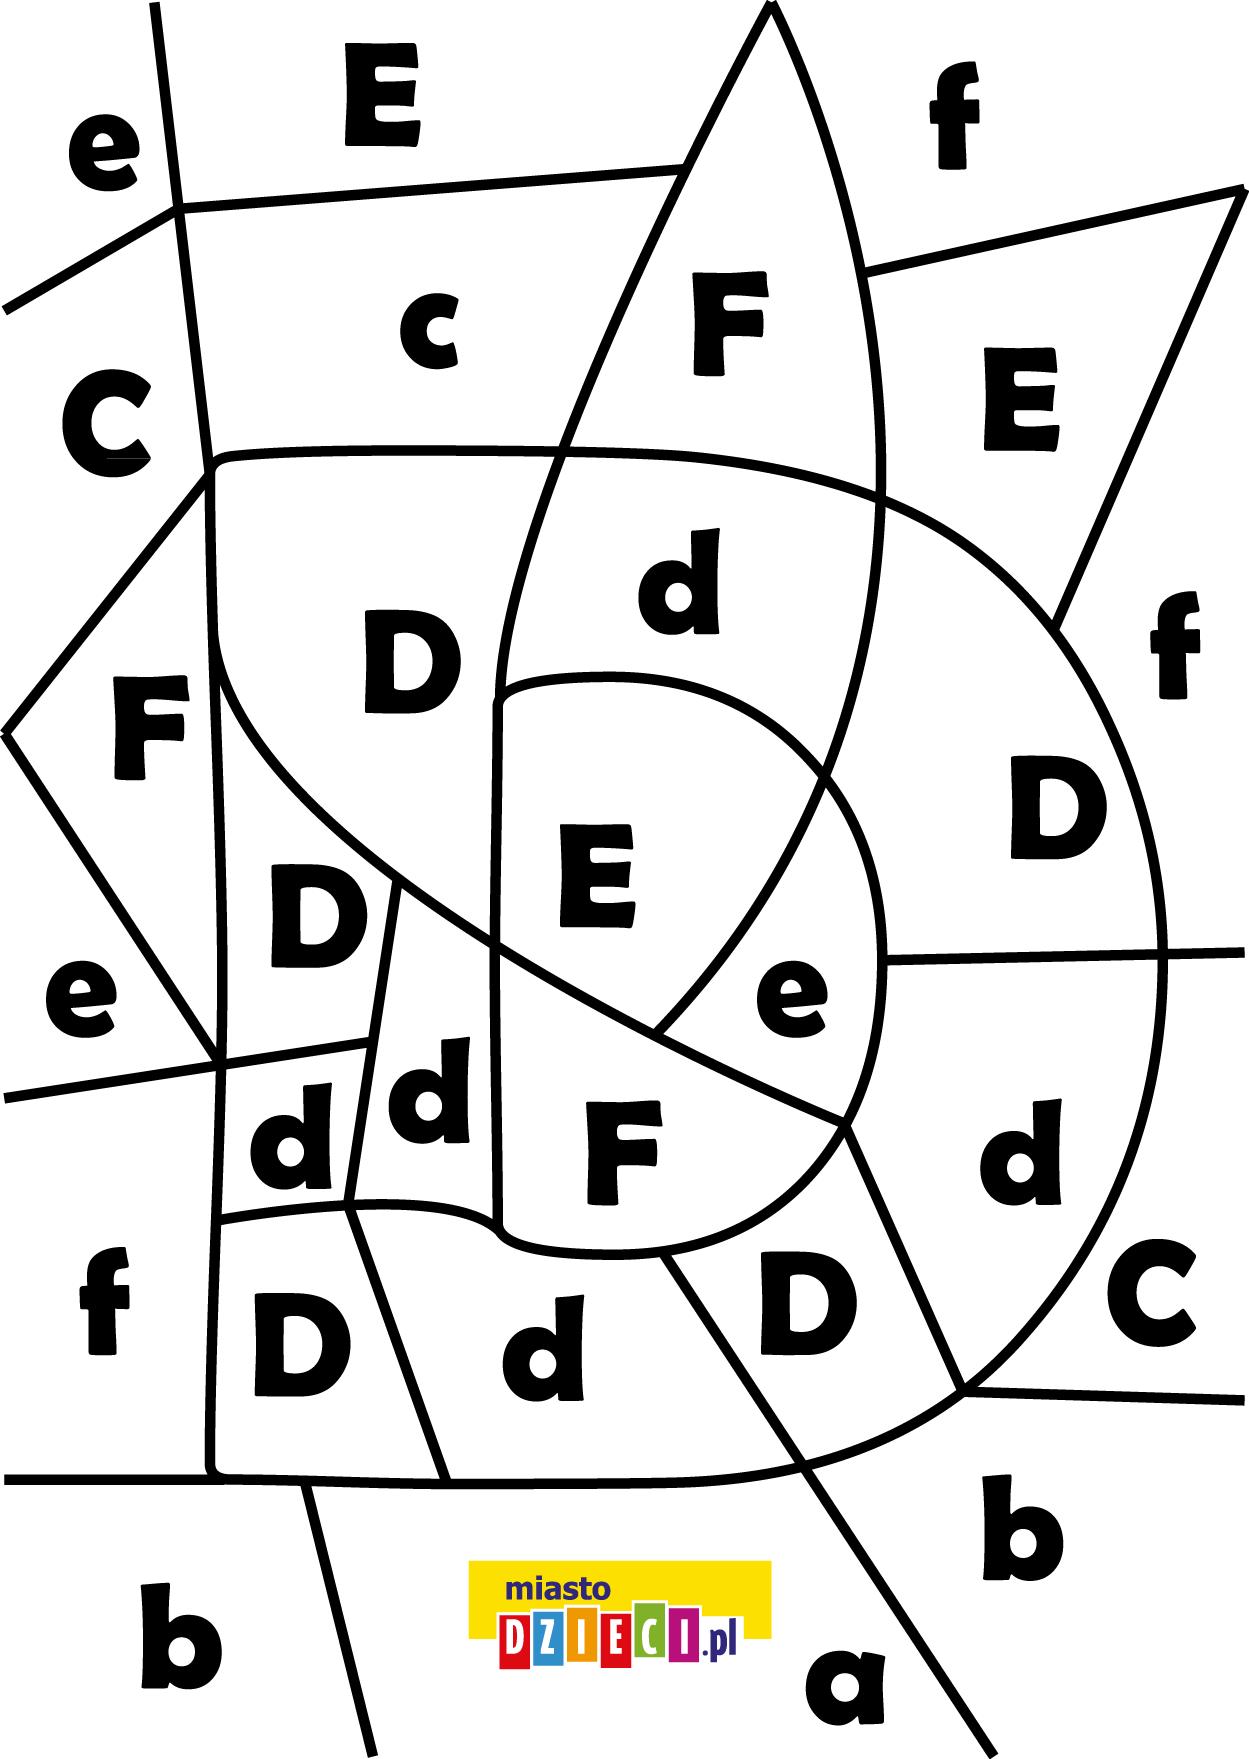 litera D - ukryte litery do nauki czytania kolorowanki i szablony do druku dla dzieci MiastoDzieci.pl